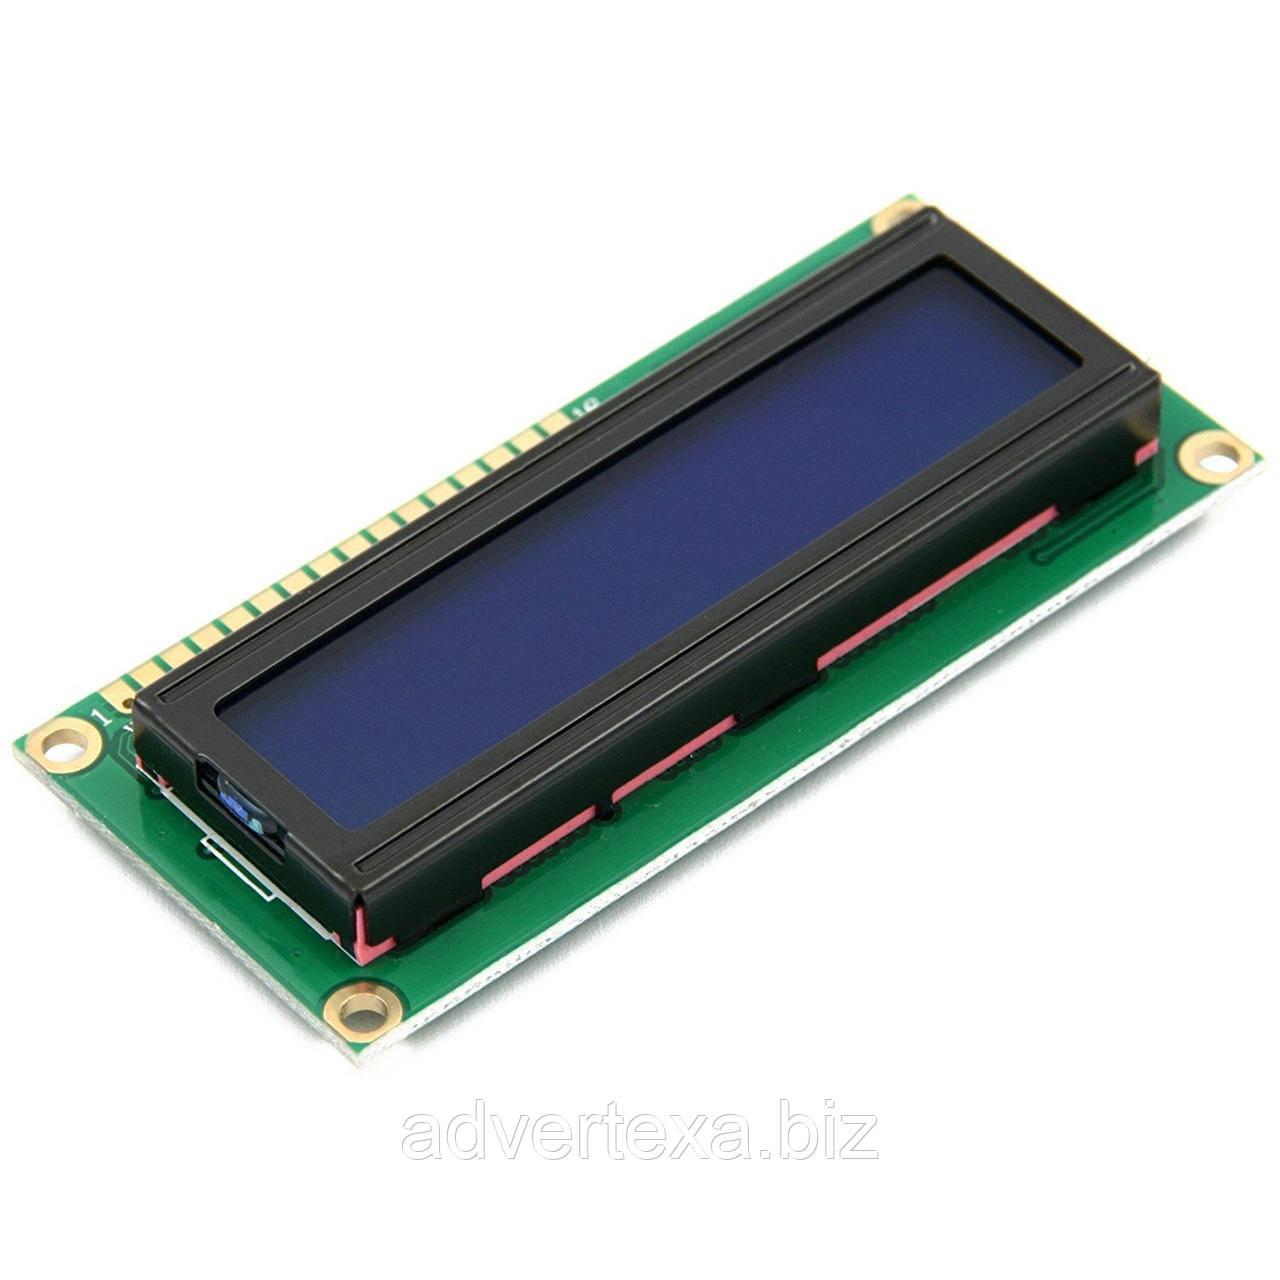 ЖКИ модуль LCD 1602 дисплей для Arduino 16х2 синий